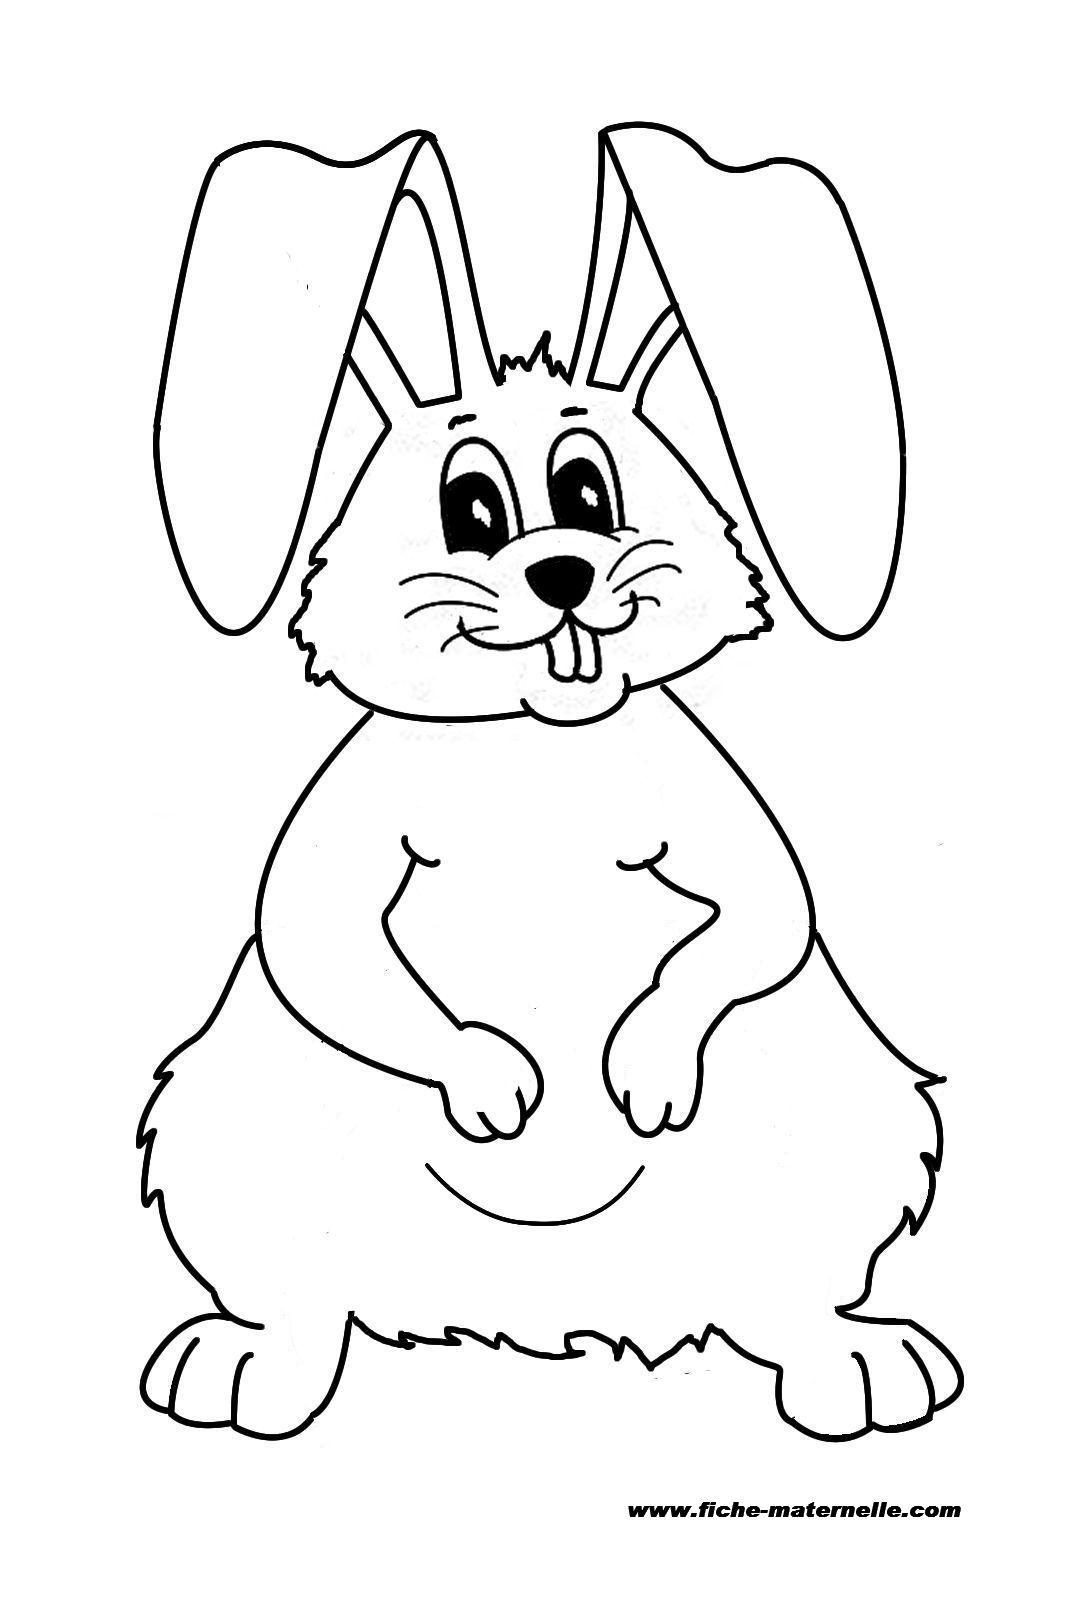 128 dibujos de Conejos para colorear | Oh Kids | Page 1